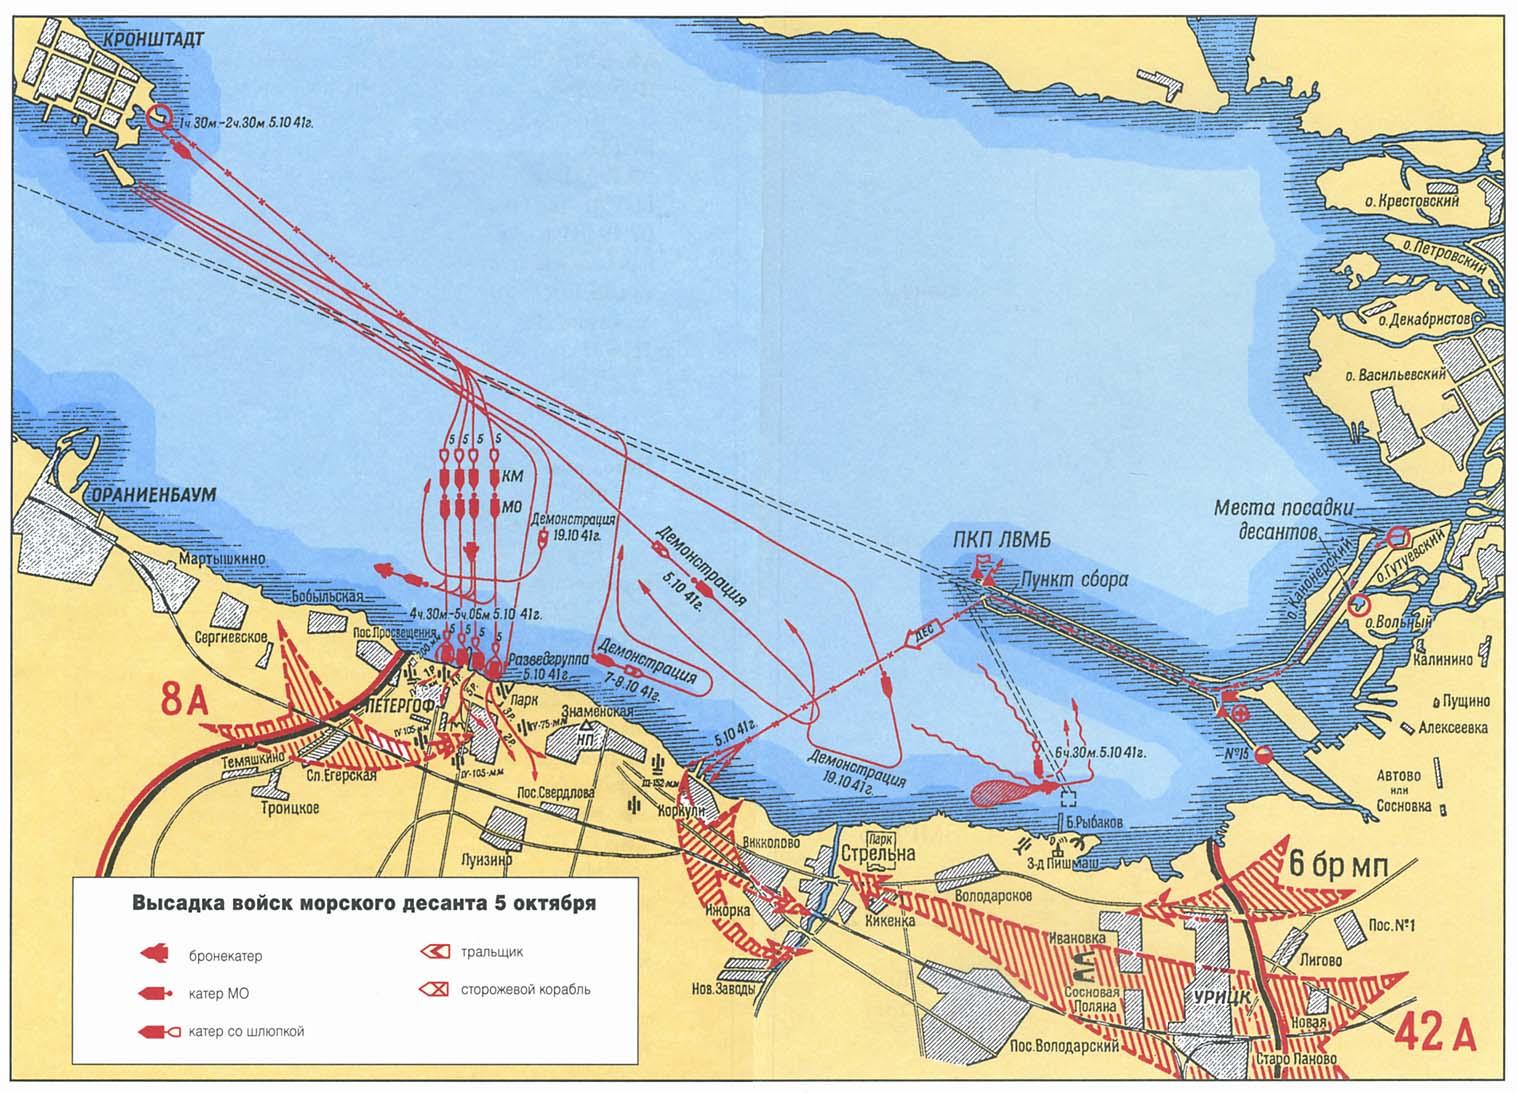 Предполагаемый план соединения двух армий.  Высадка основных сил десанта началась ранним утром 5 октября возле...